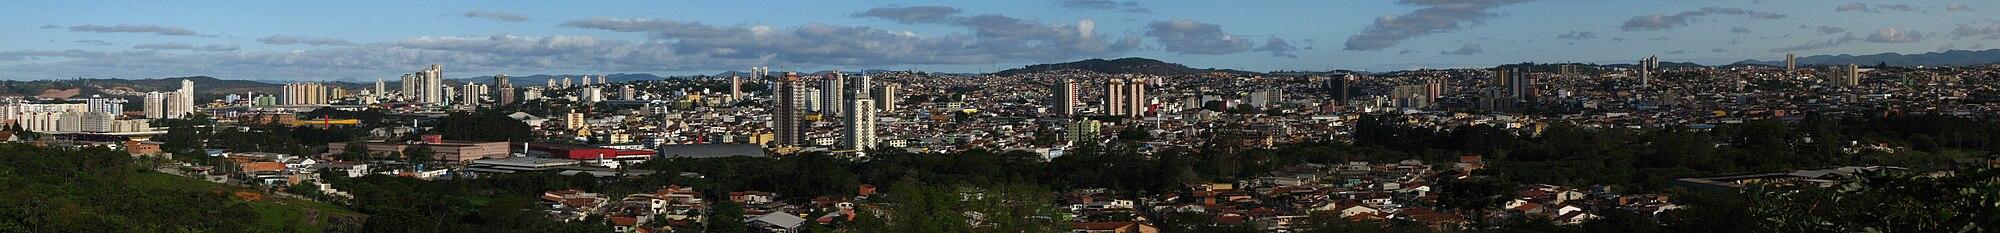 Vista panorâmica de Mogi das Cruzes a partir da Serra do Itapety.